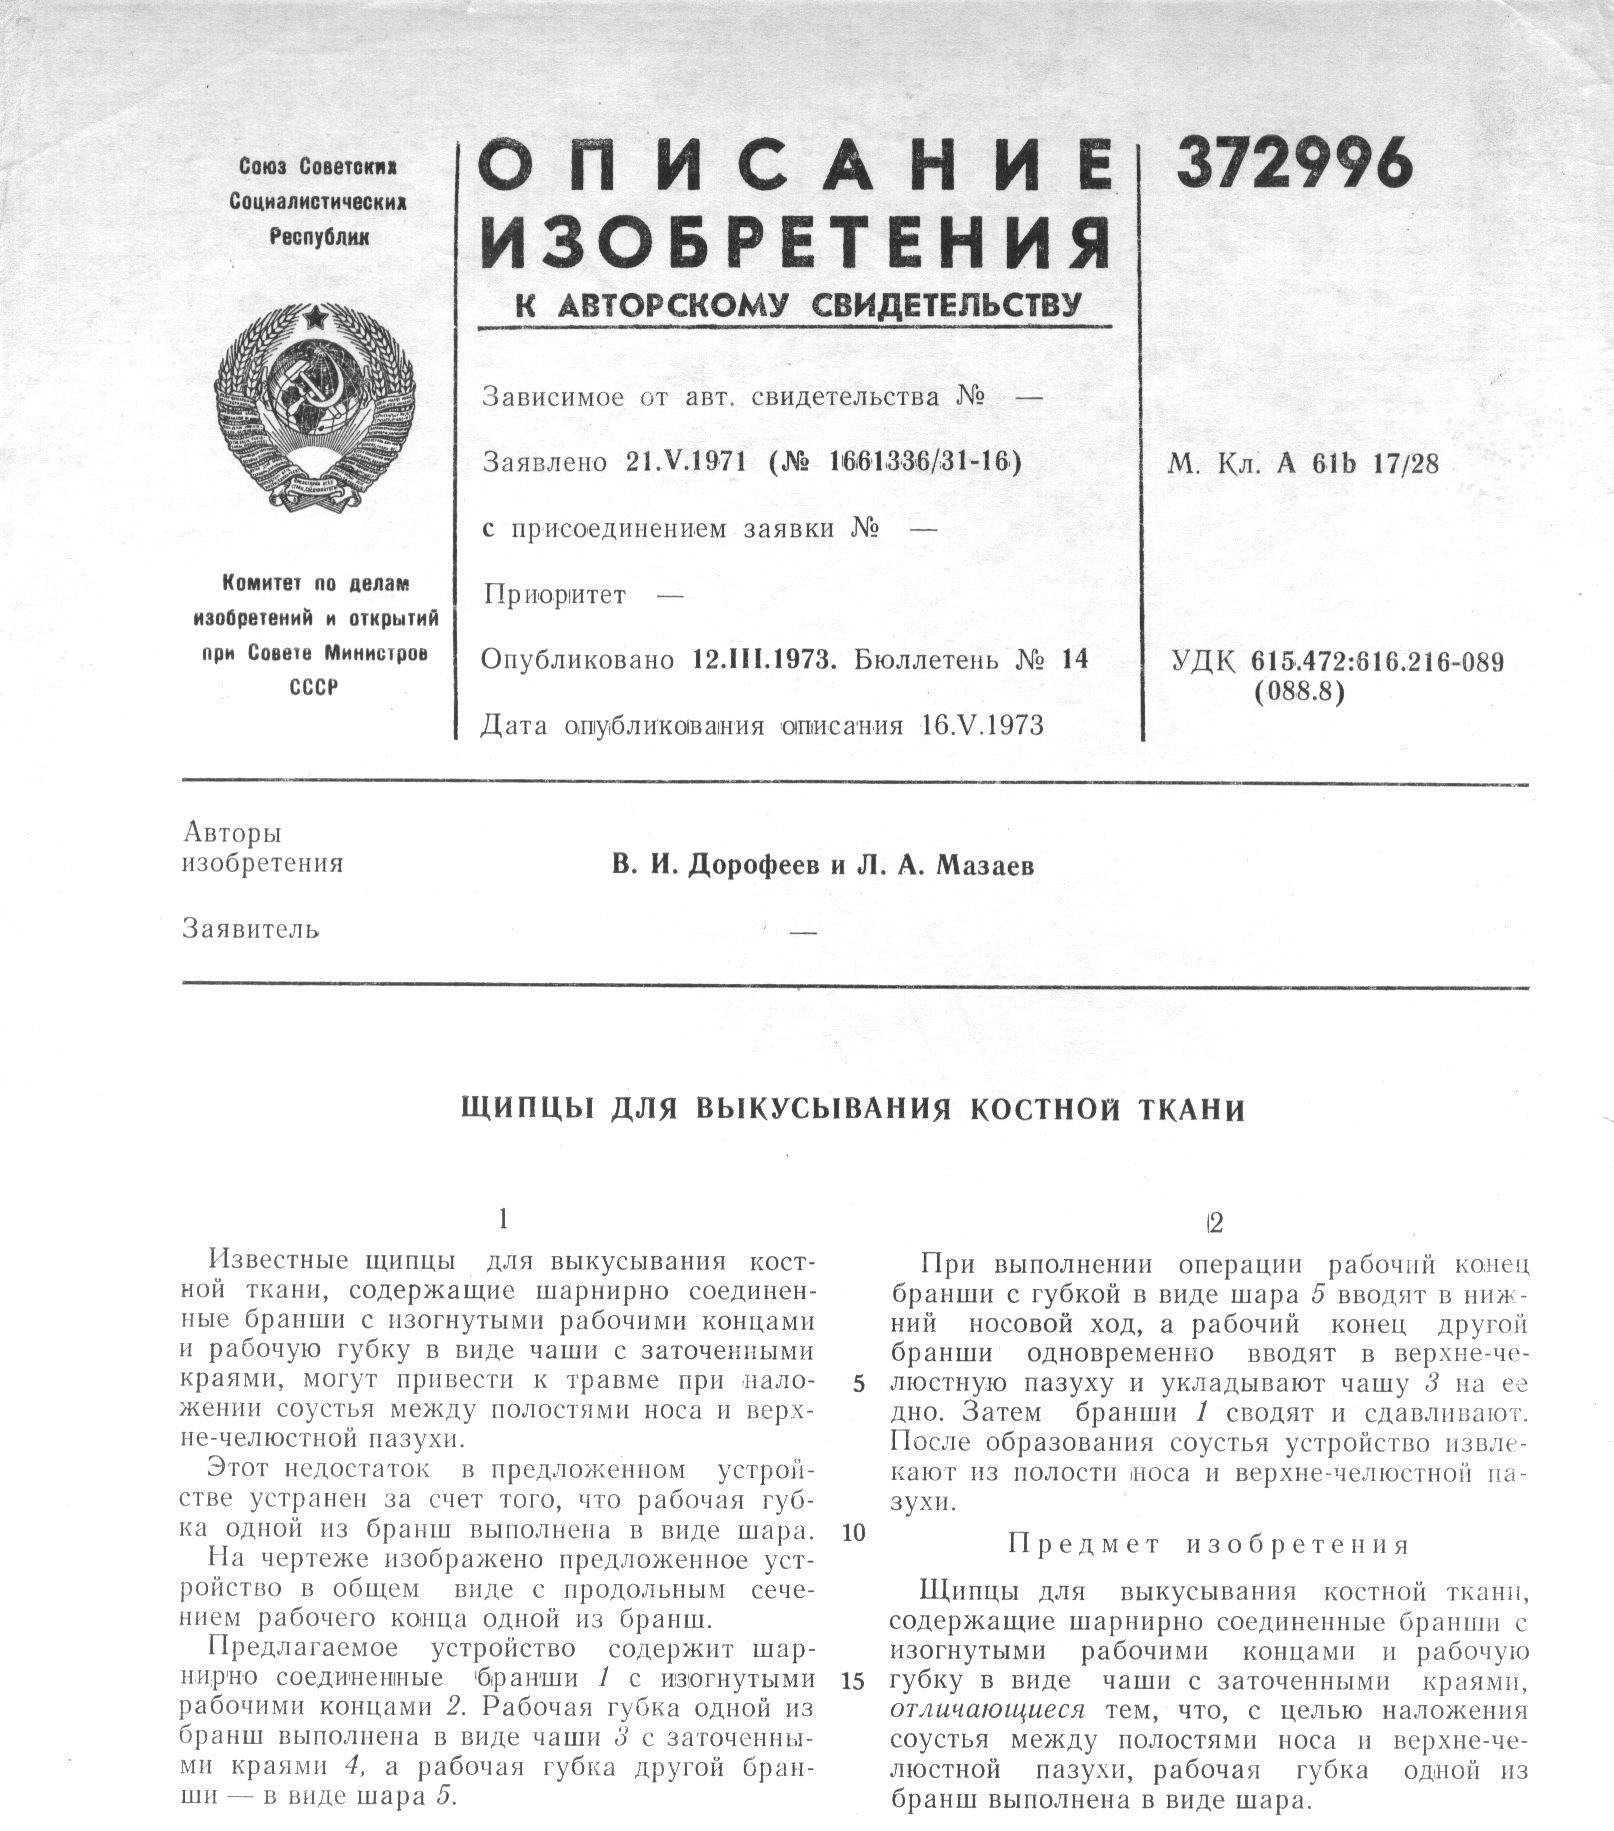 Цех кондитерской фабрики по производству печенья vkontakte facebook